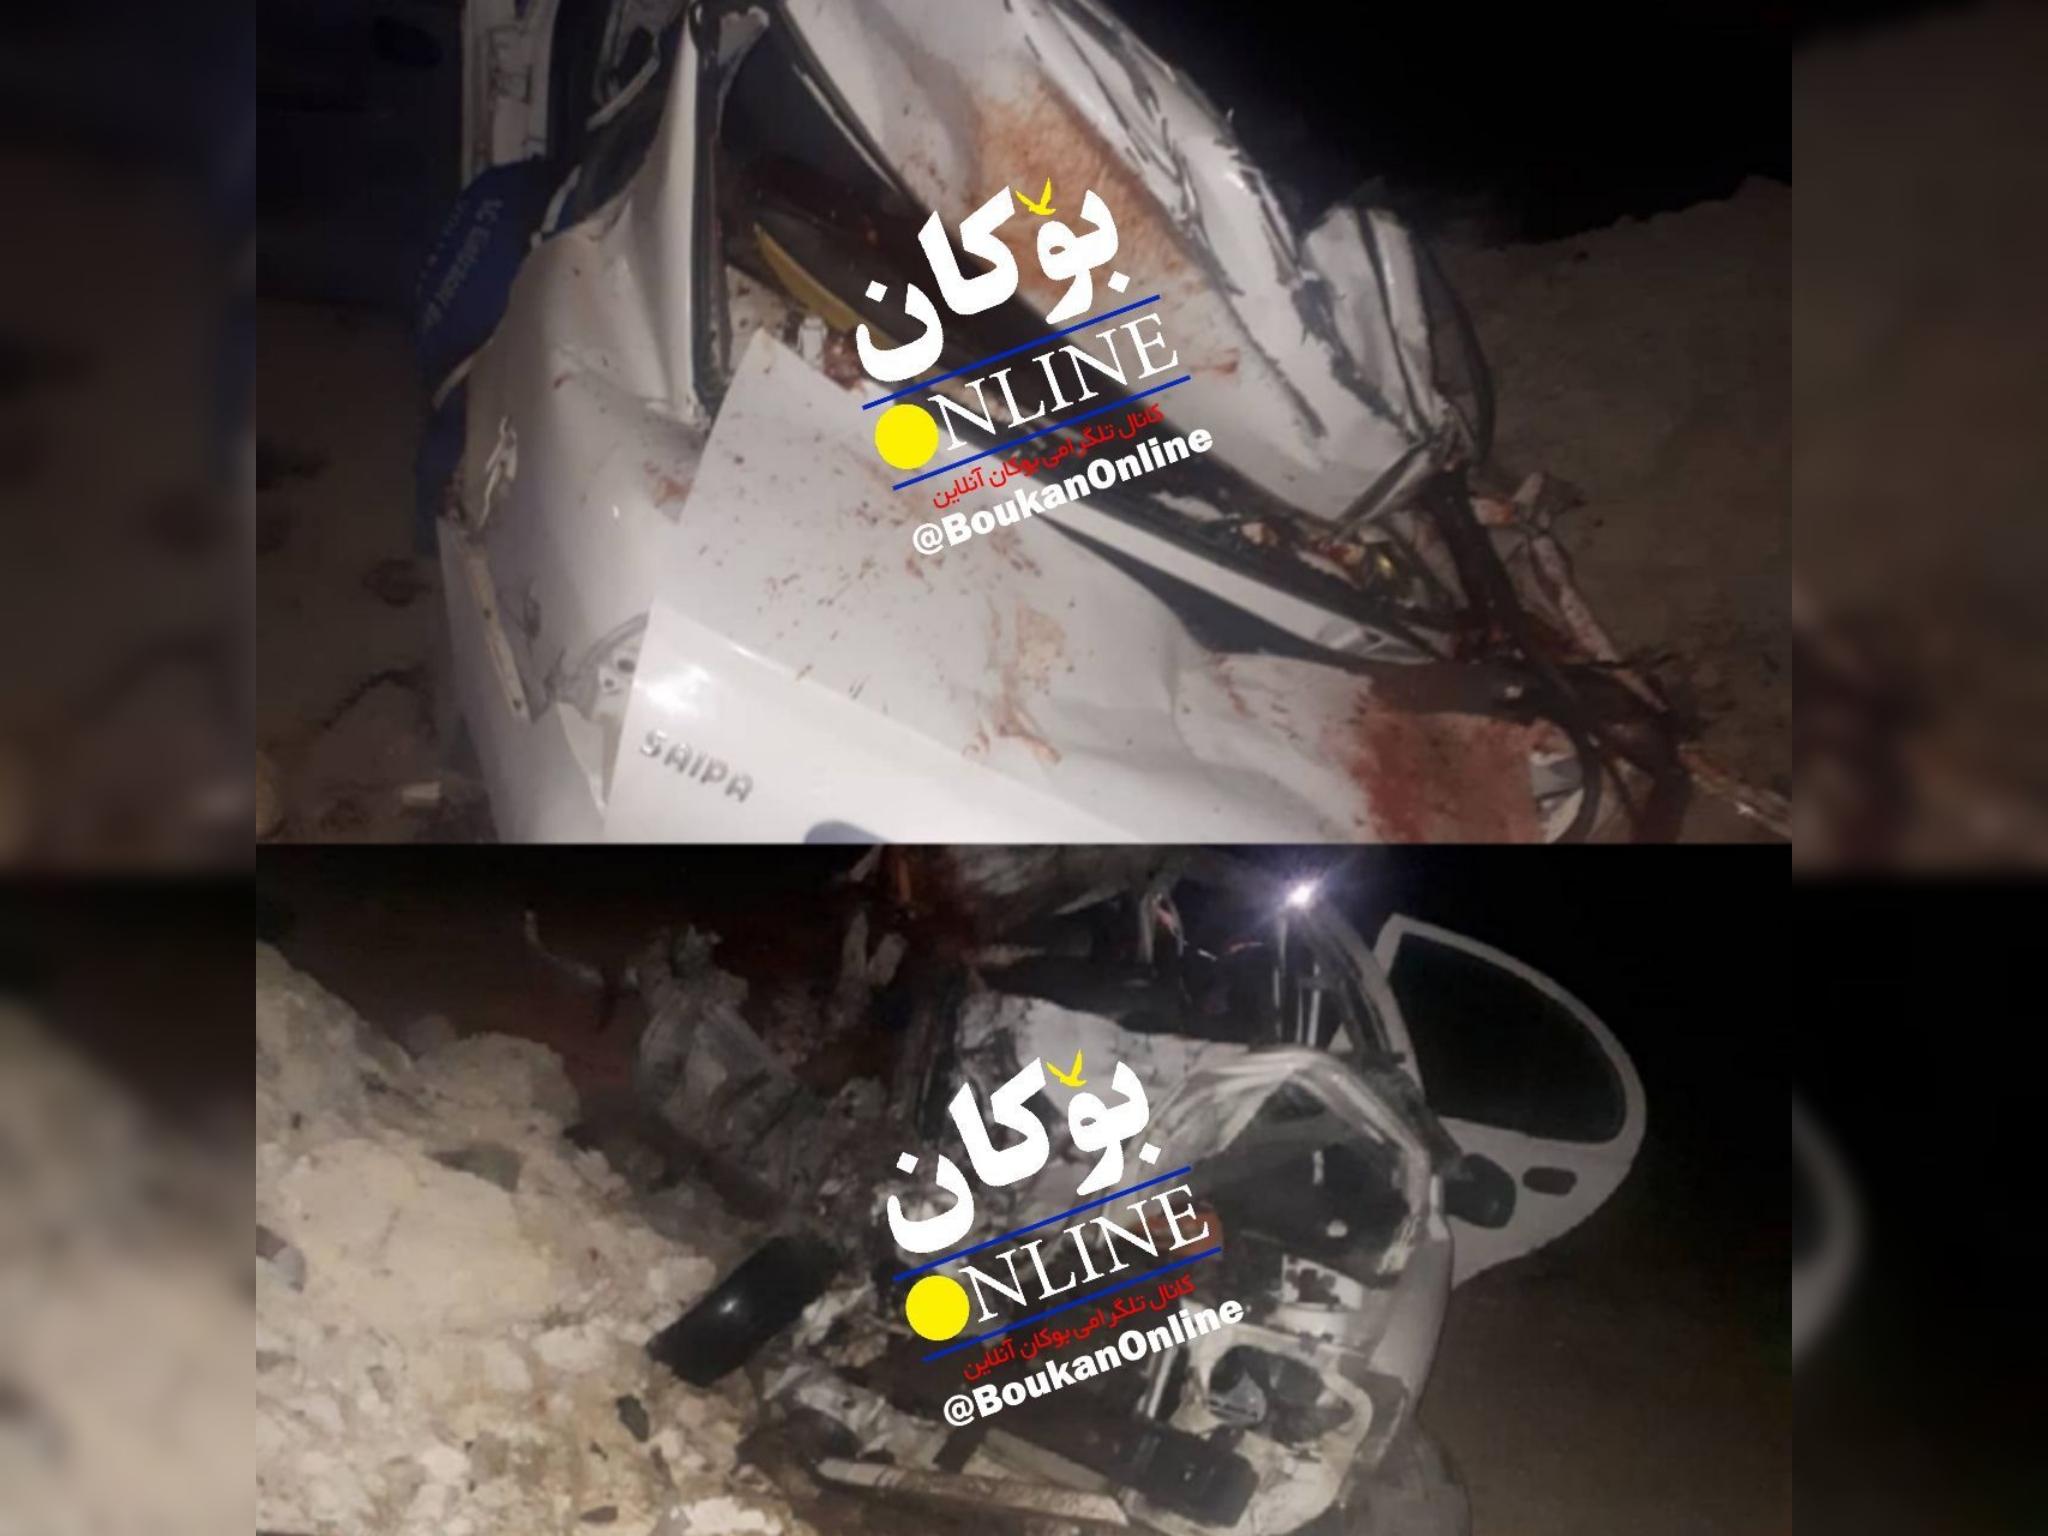 پنج نفر بوکانی در تصادف کشته شدند